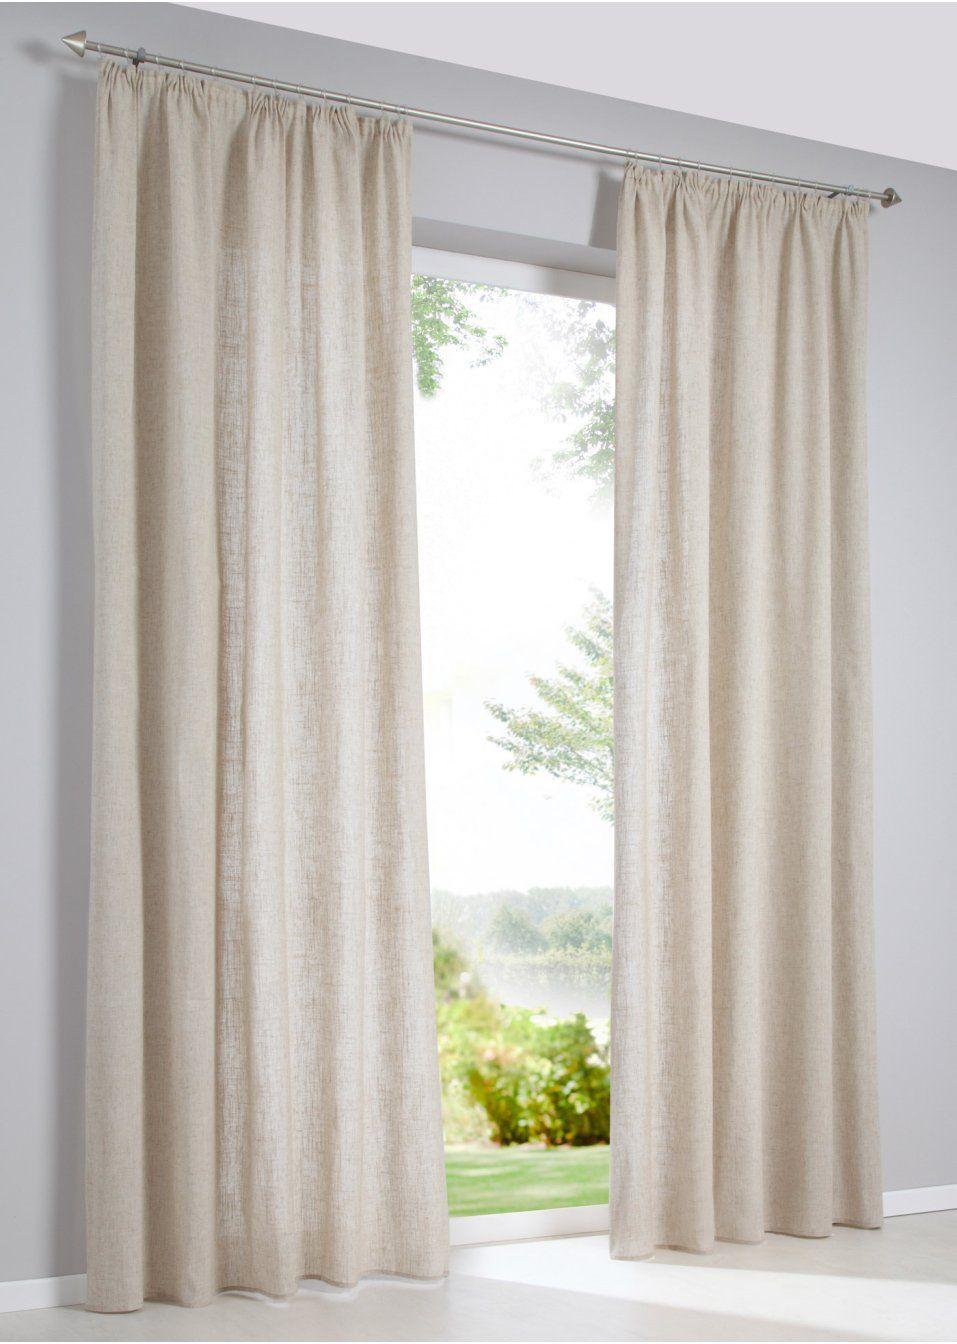 Vorhang   Vorhänge, Fensterdekorationen und Waschmaschinen